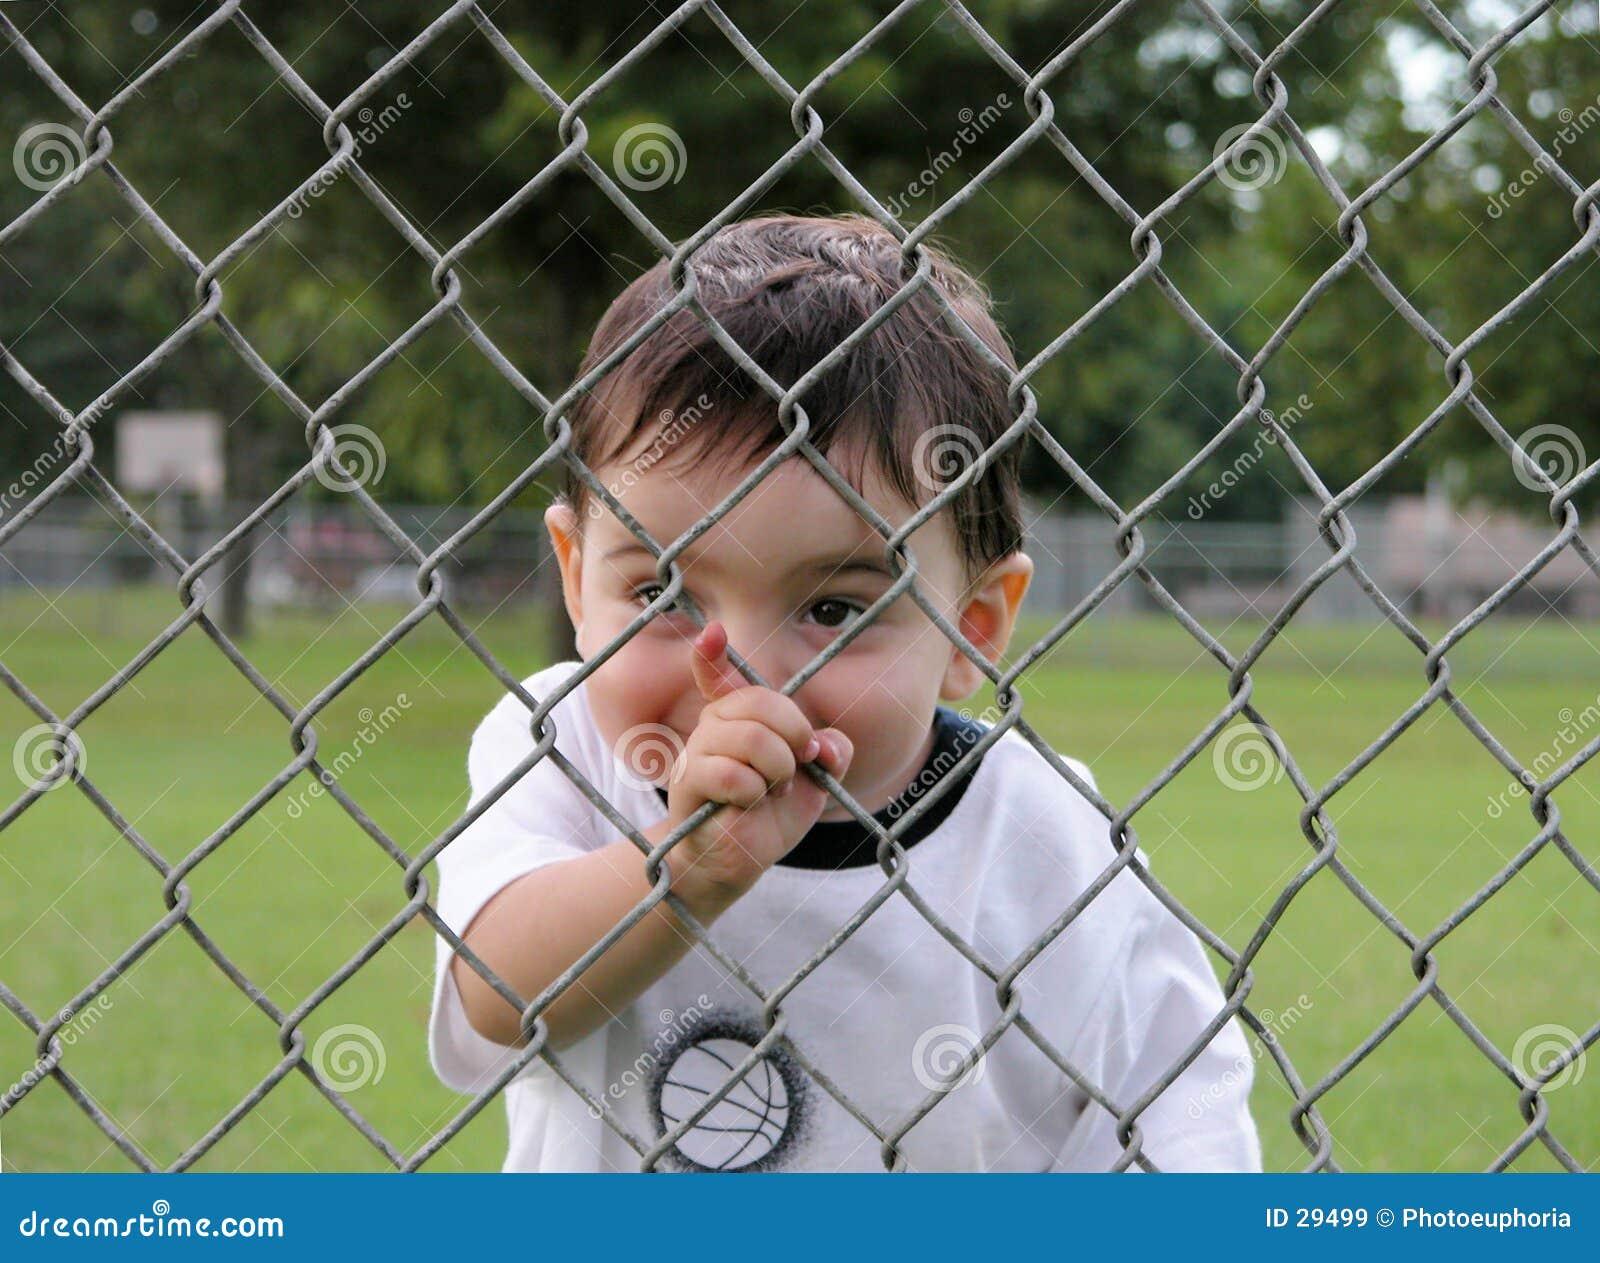 Bambini: Ragazzo che scruta tramite la rete fissa